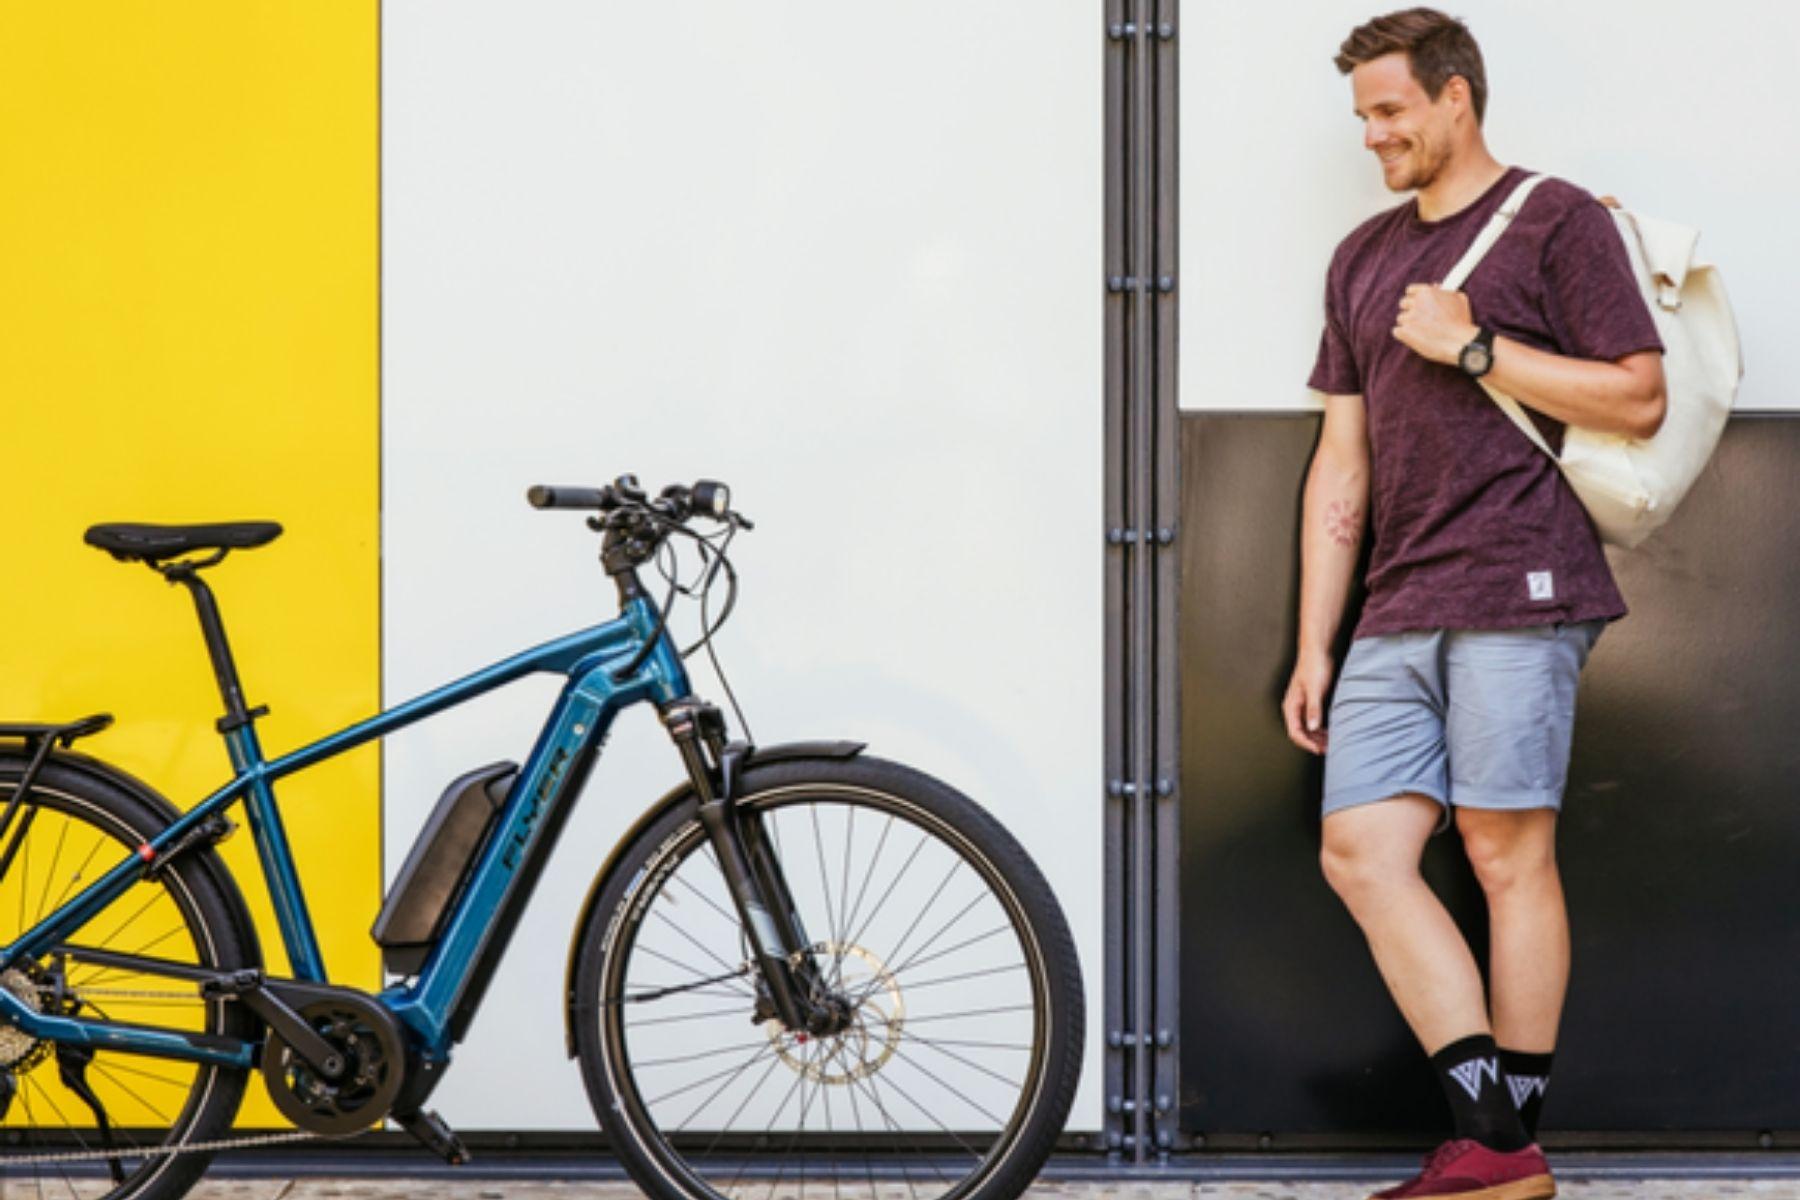 mein-dienstrad.de: Fahrrad-Leasing für Selbständige in wenigen Minuten